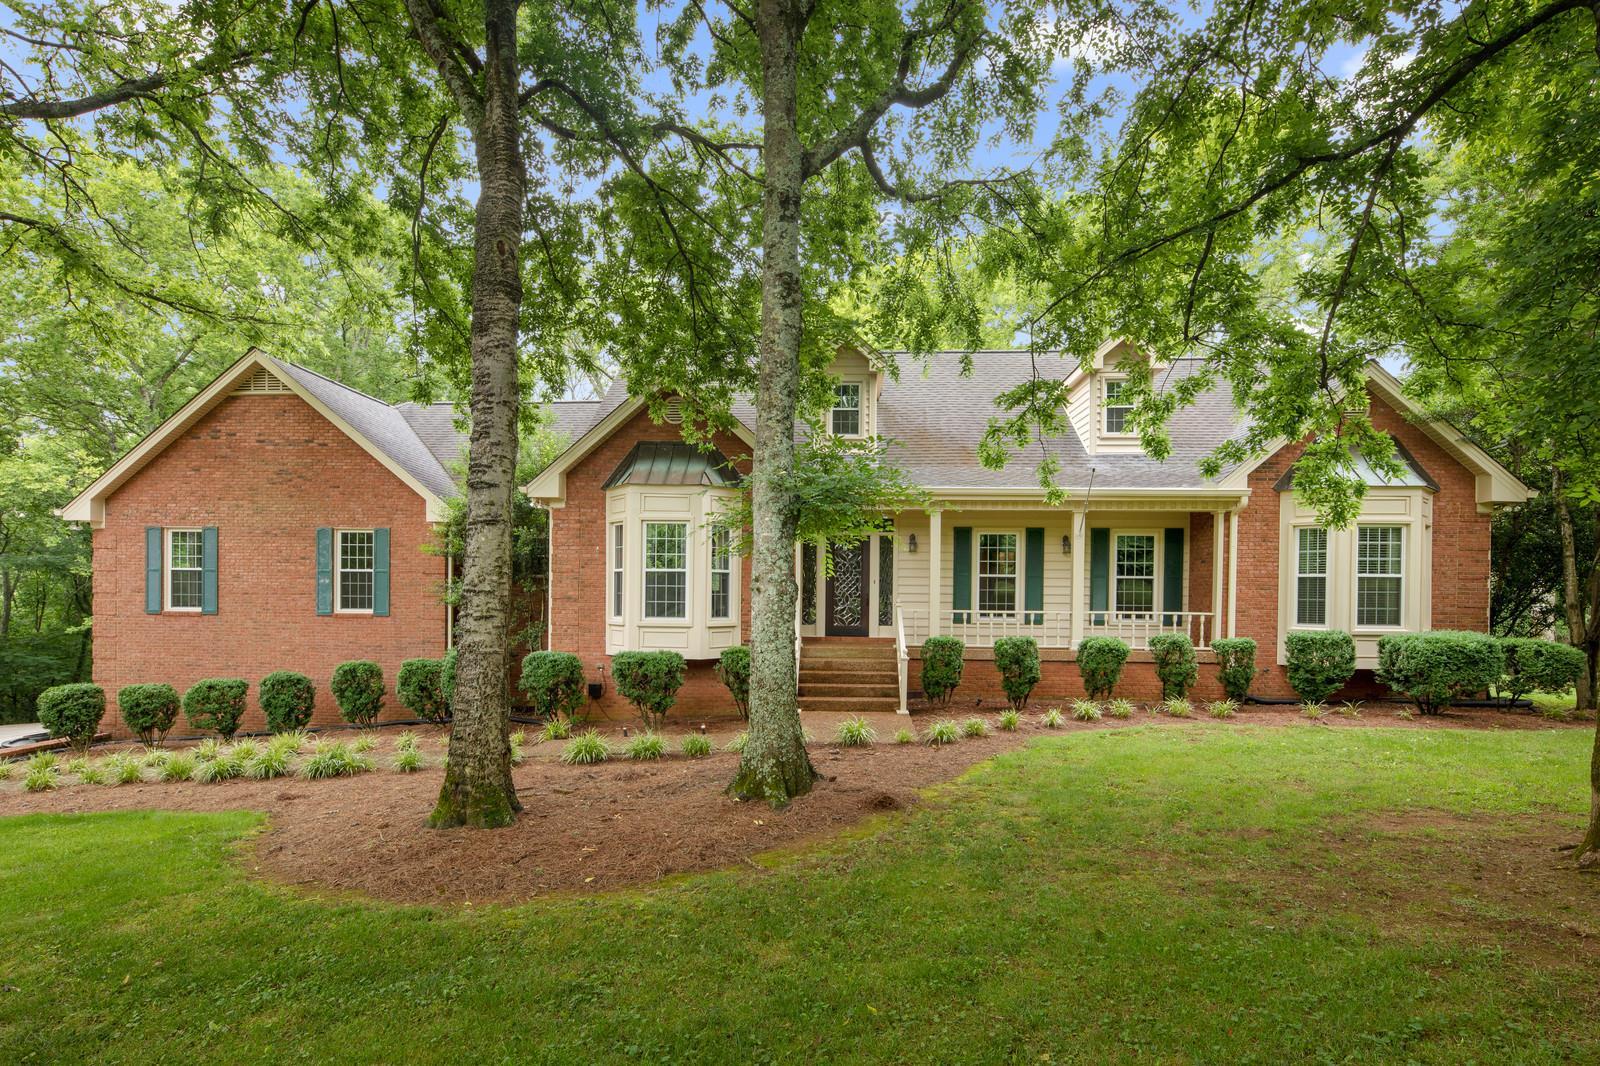 1138 Longview Dr, Hendersonville, TN 37075 - Hendersonville, TN real estate listing